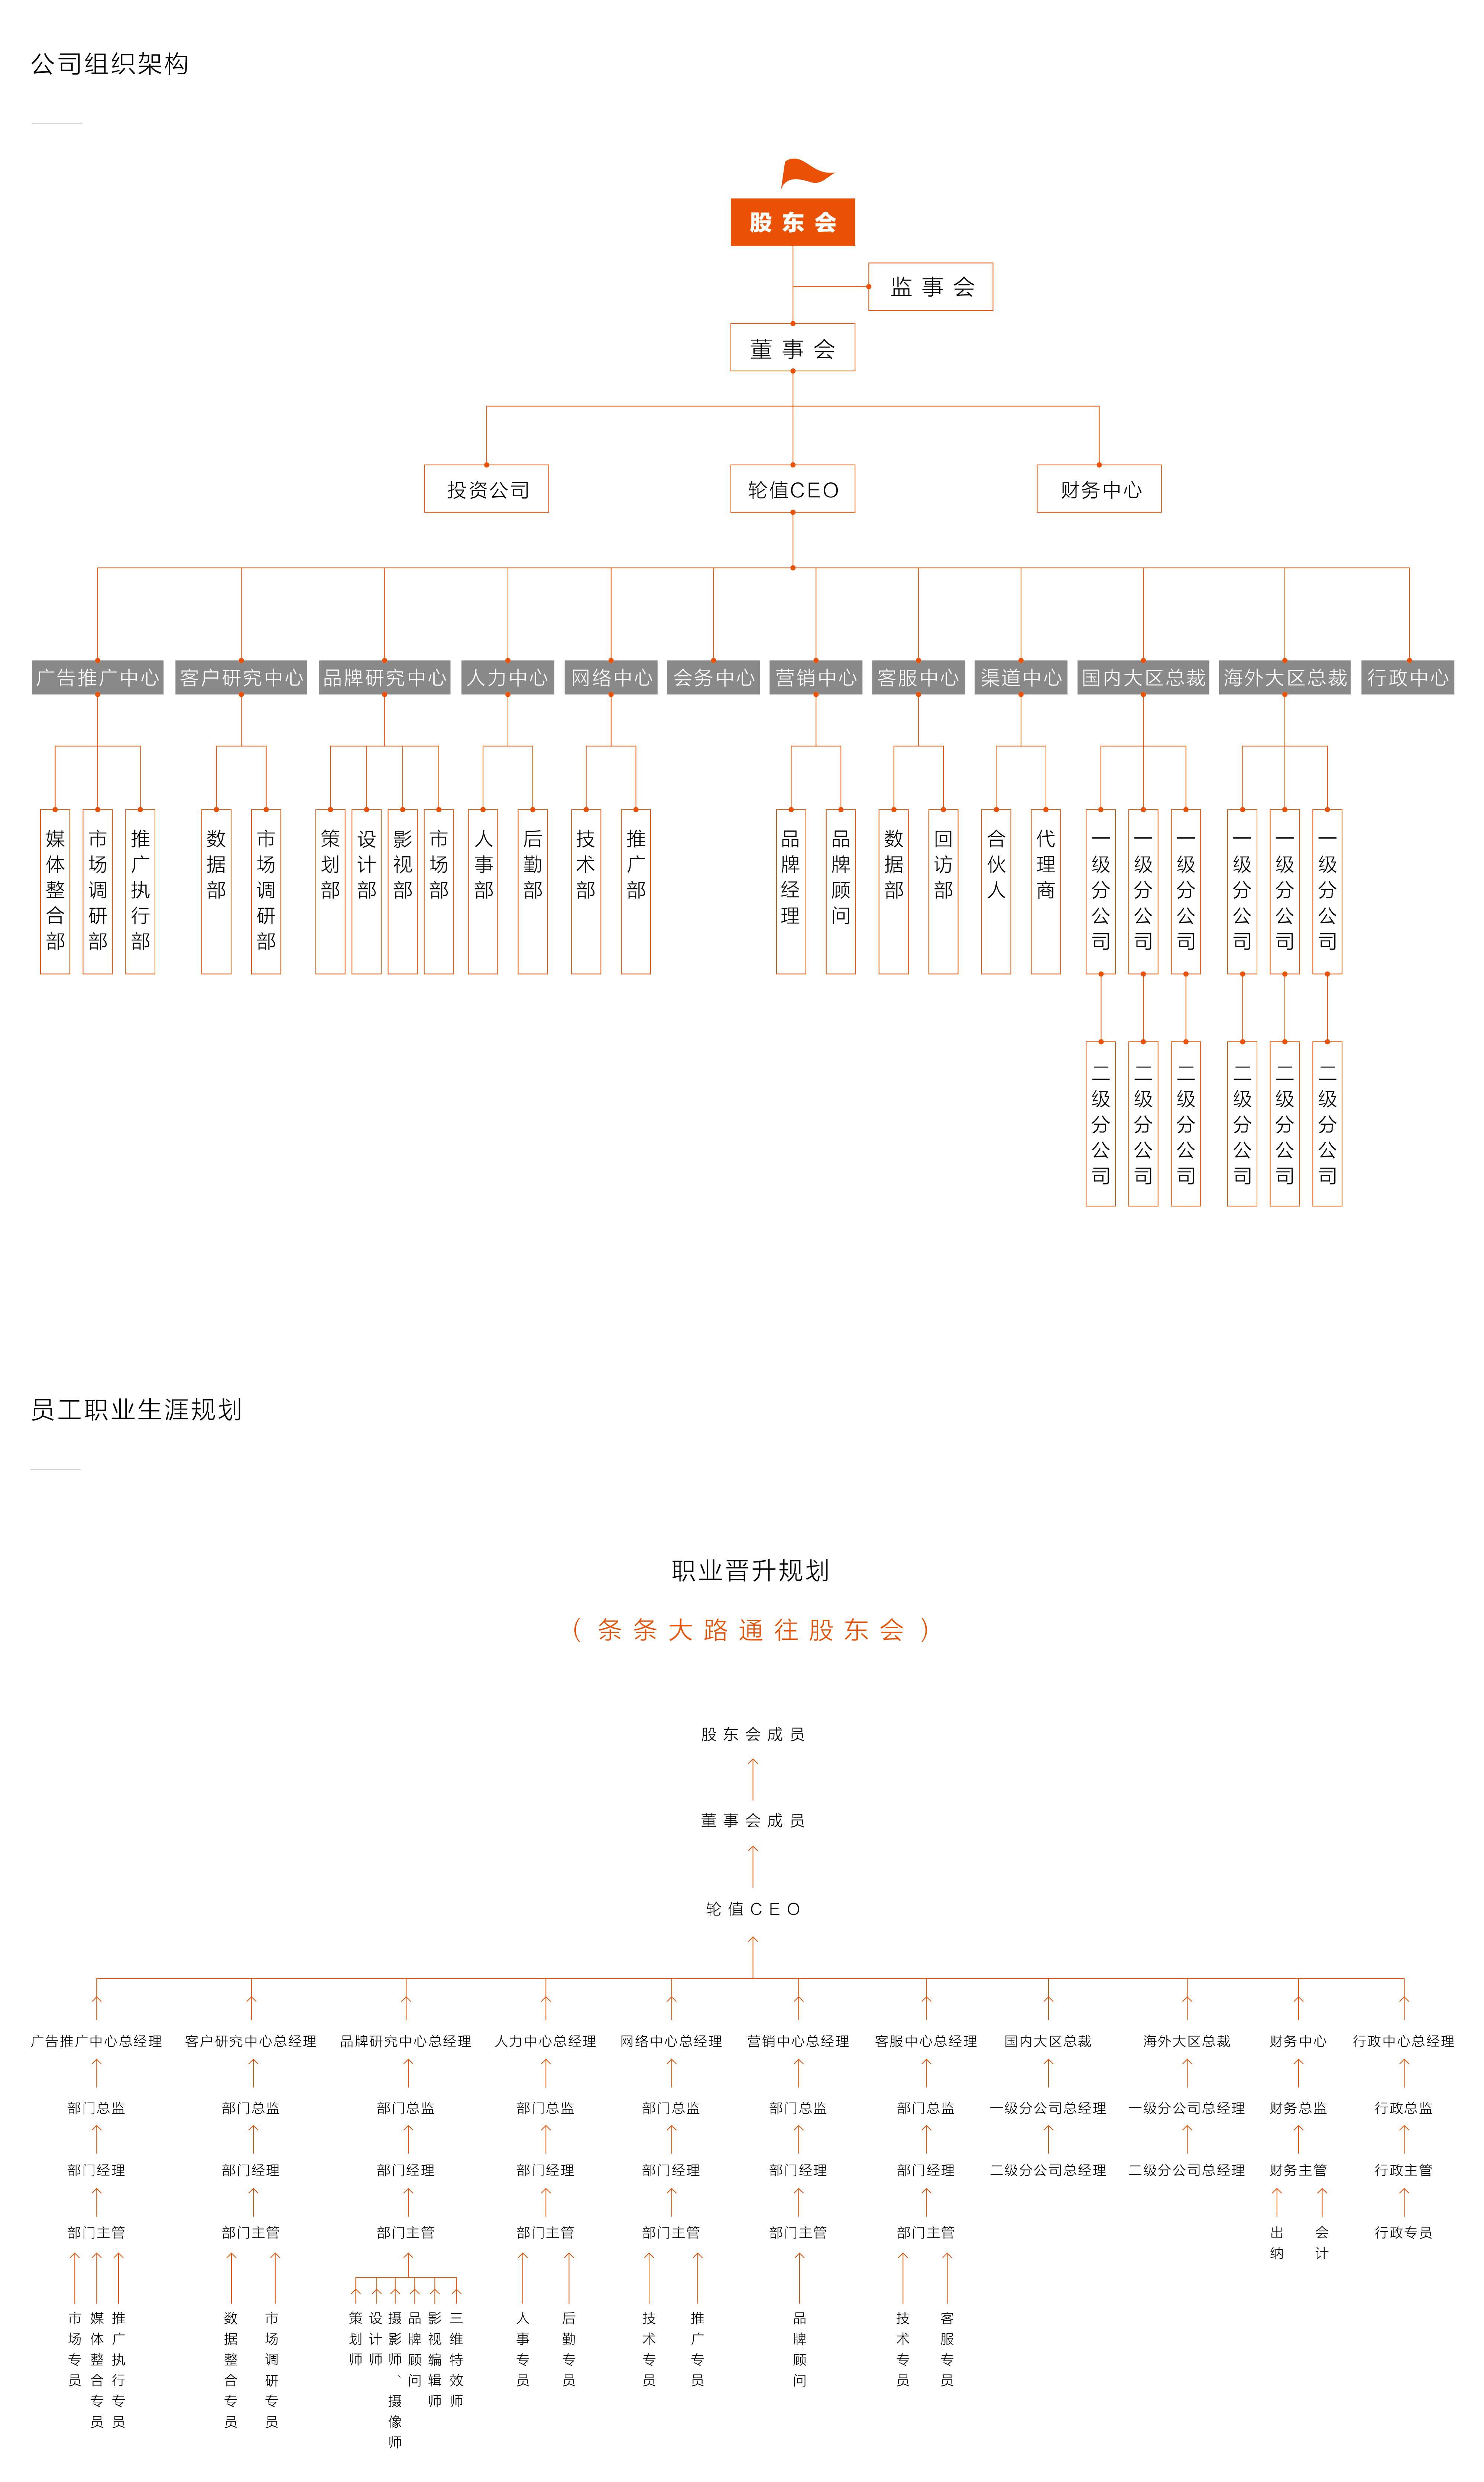 招聘【公司架构】-01-1.jpg